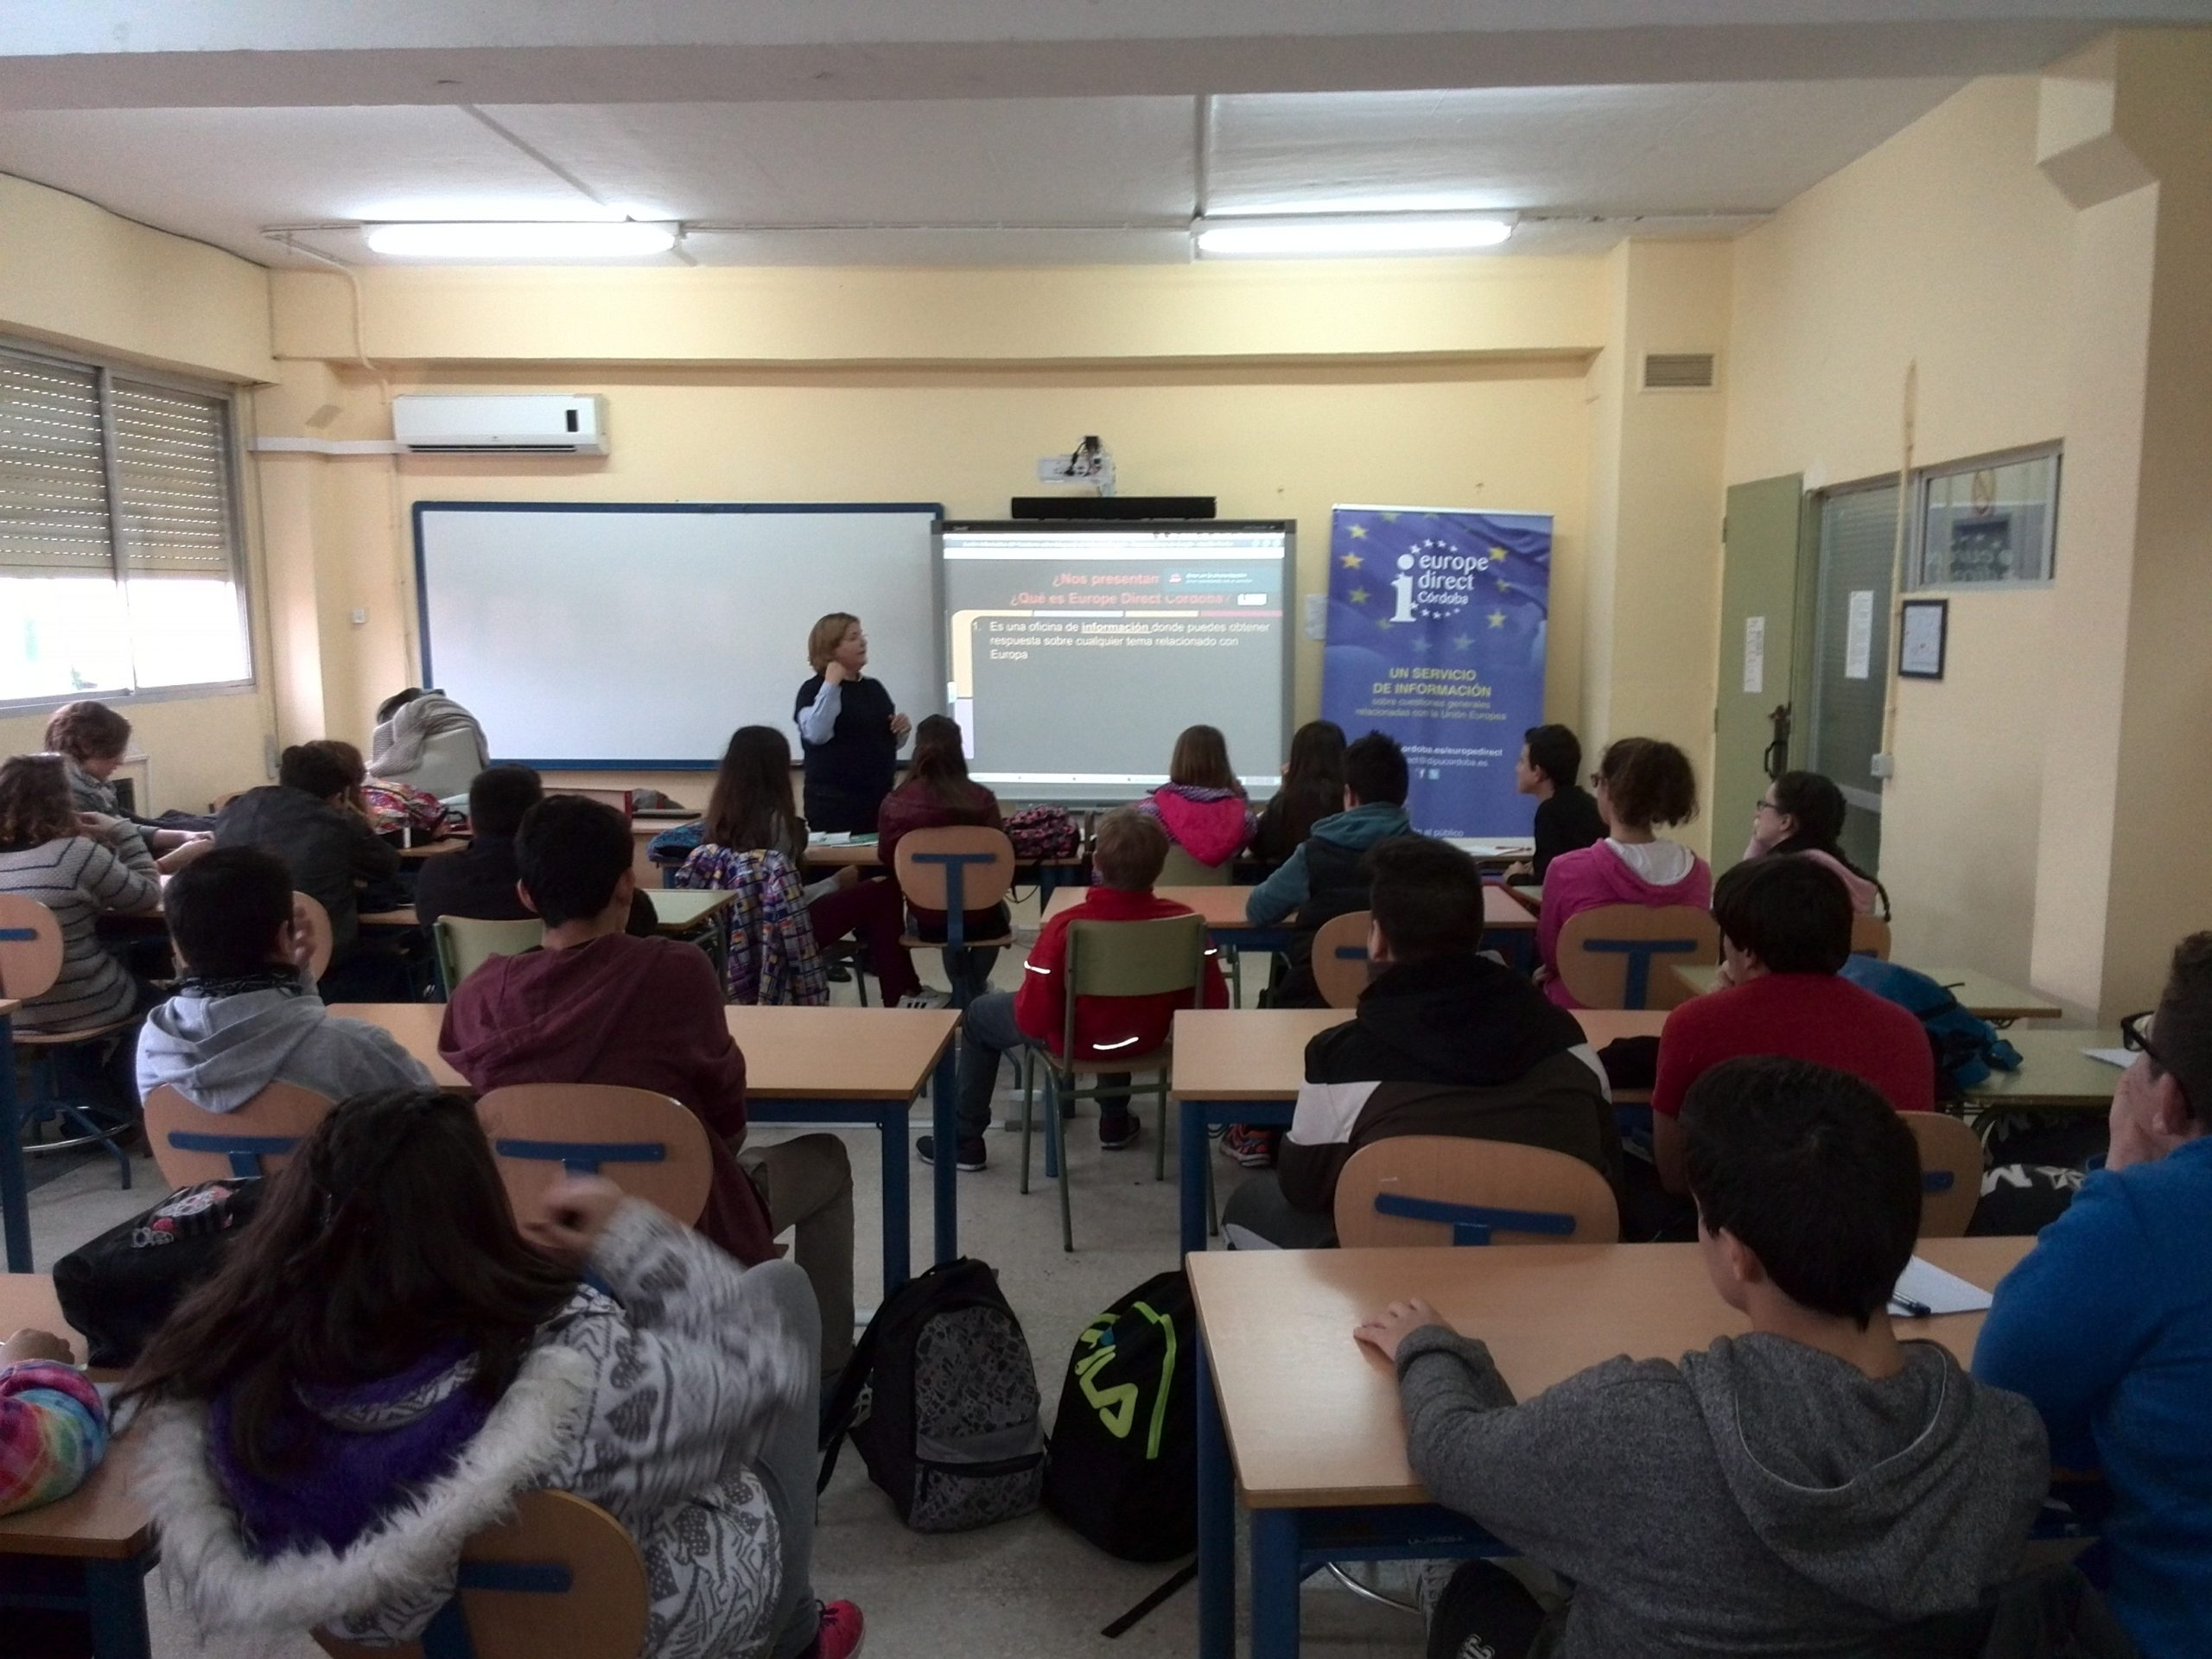 Sesiones informativas a alumnos del IES Trasierra, 21 de noviembre de 2016.